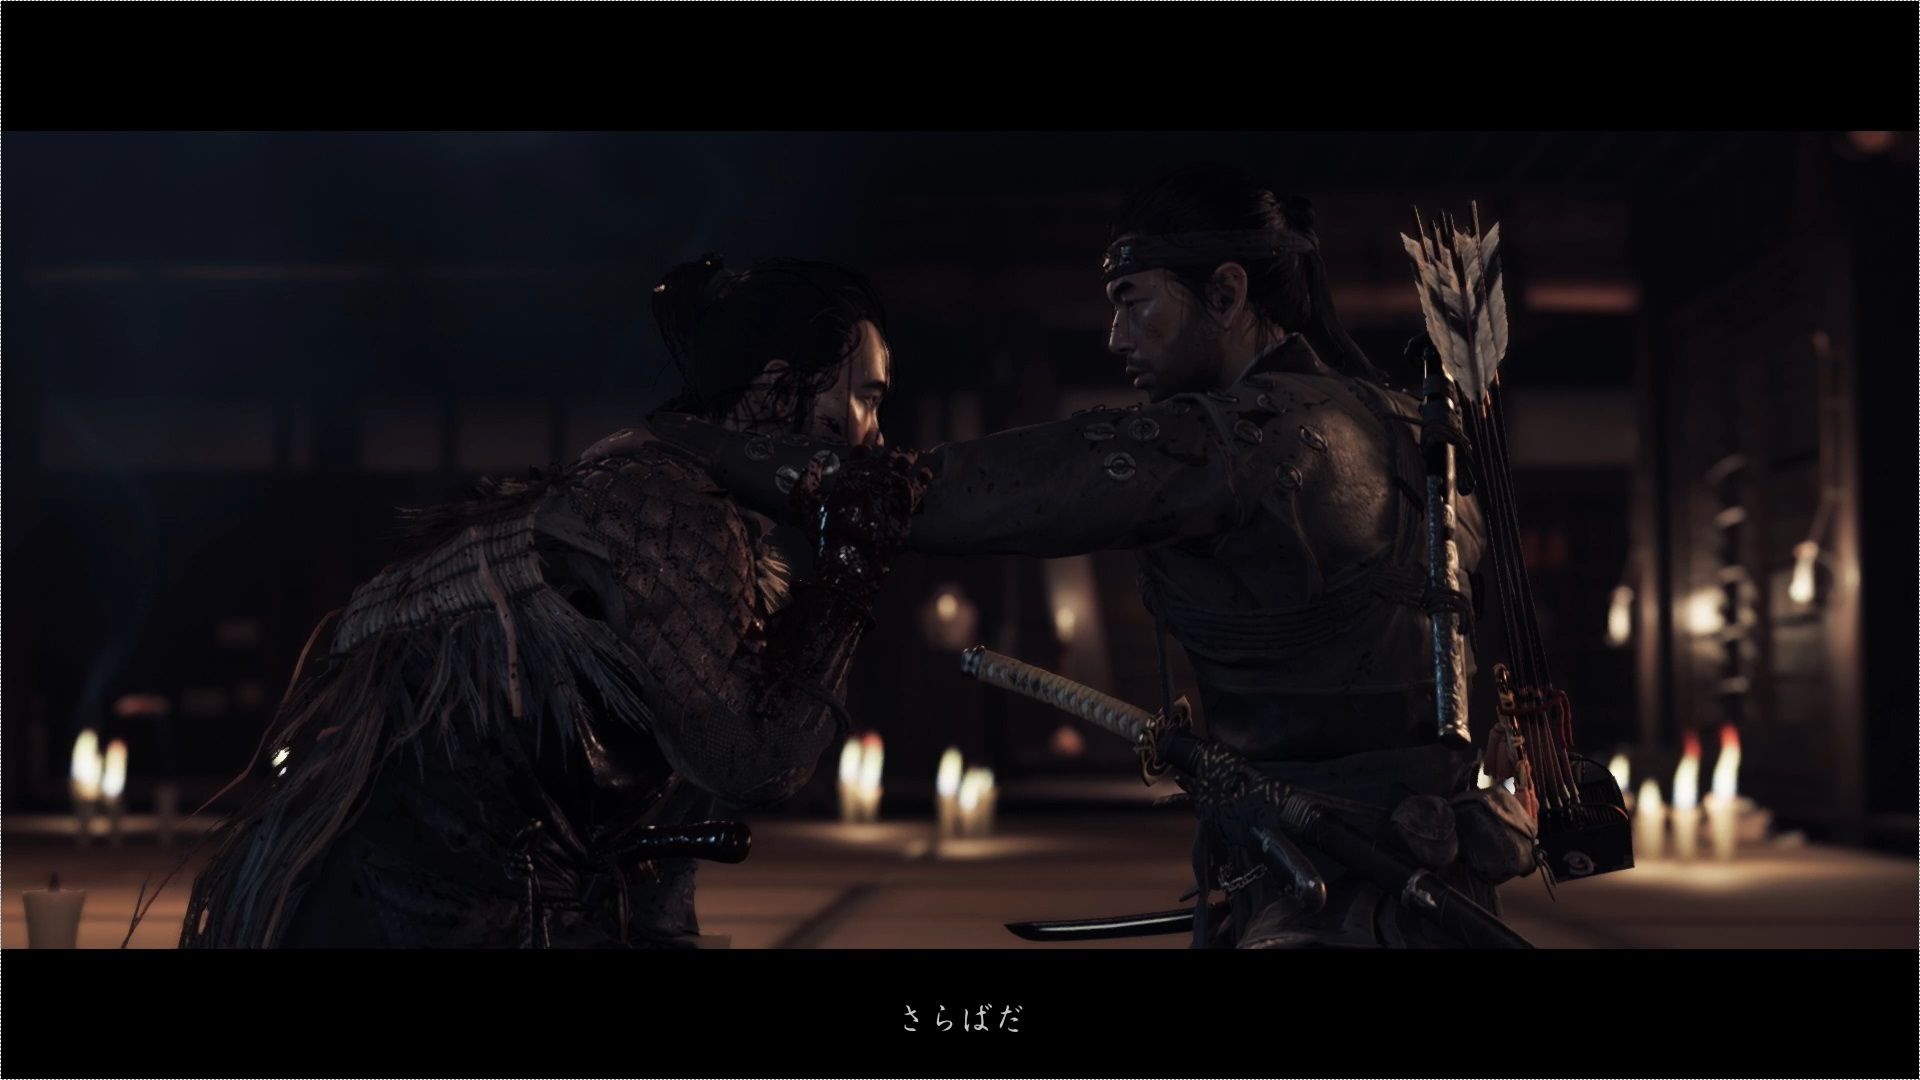 死闘の末、竜三を倒した仁。よき友であった竜三を自らの手で葬るその手が震えます。